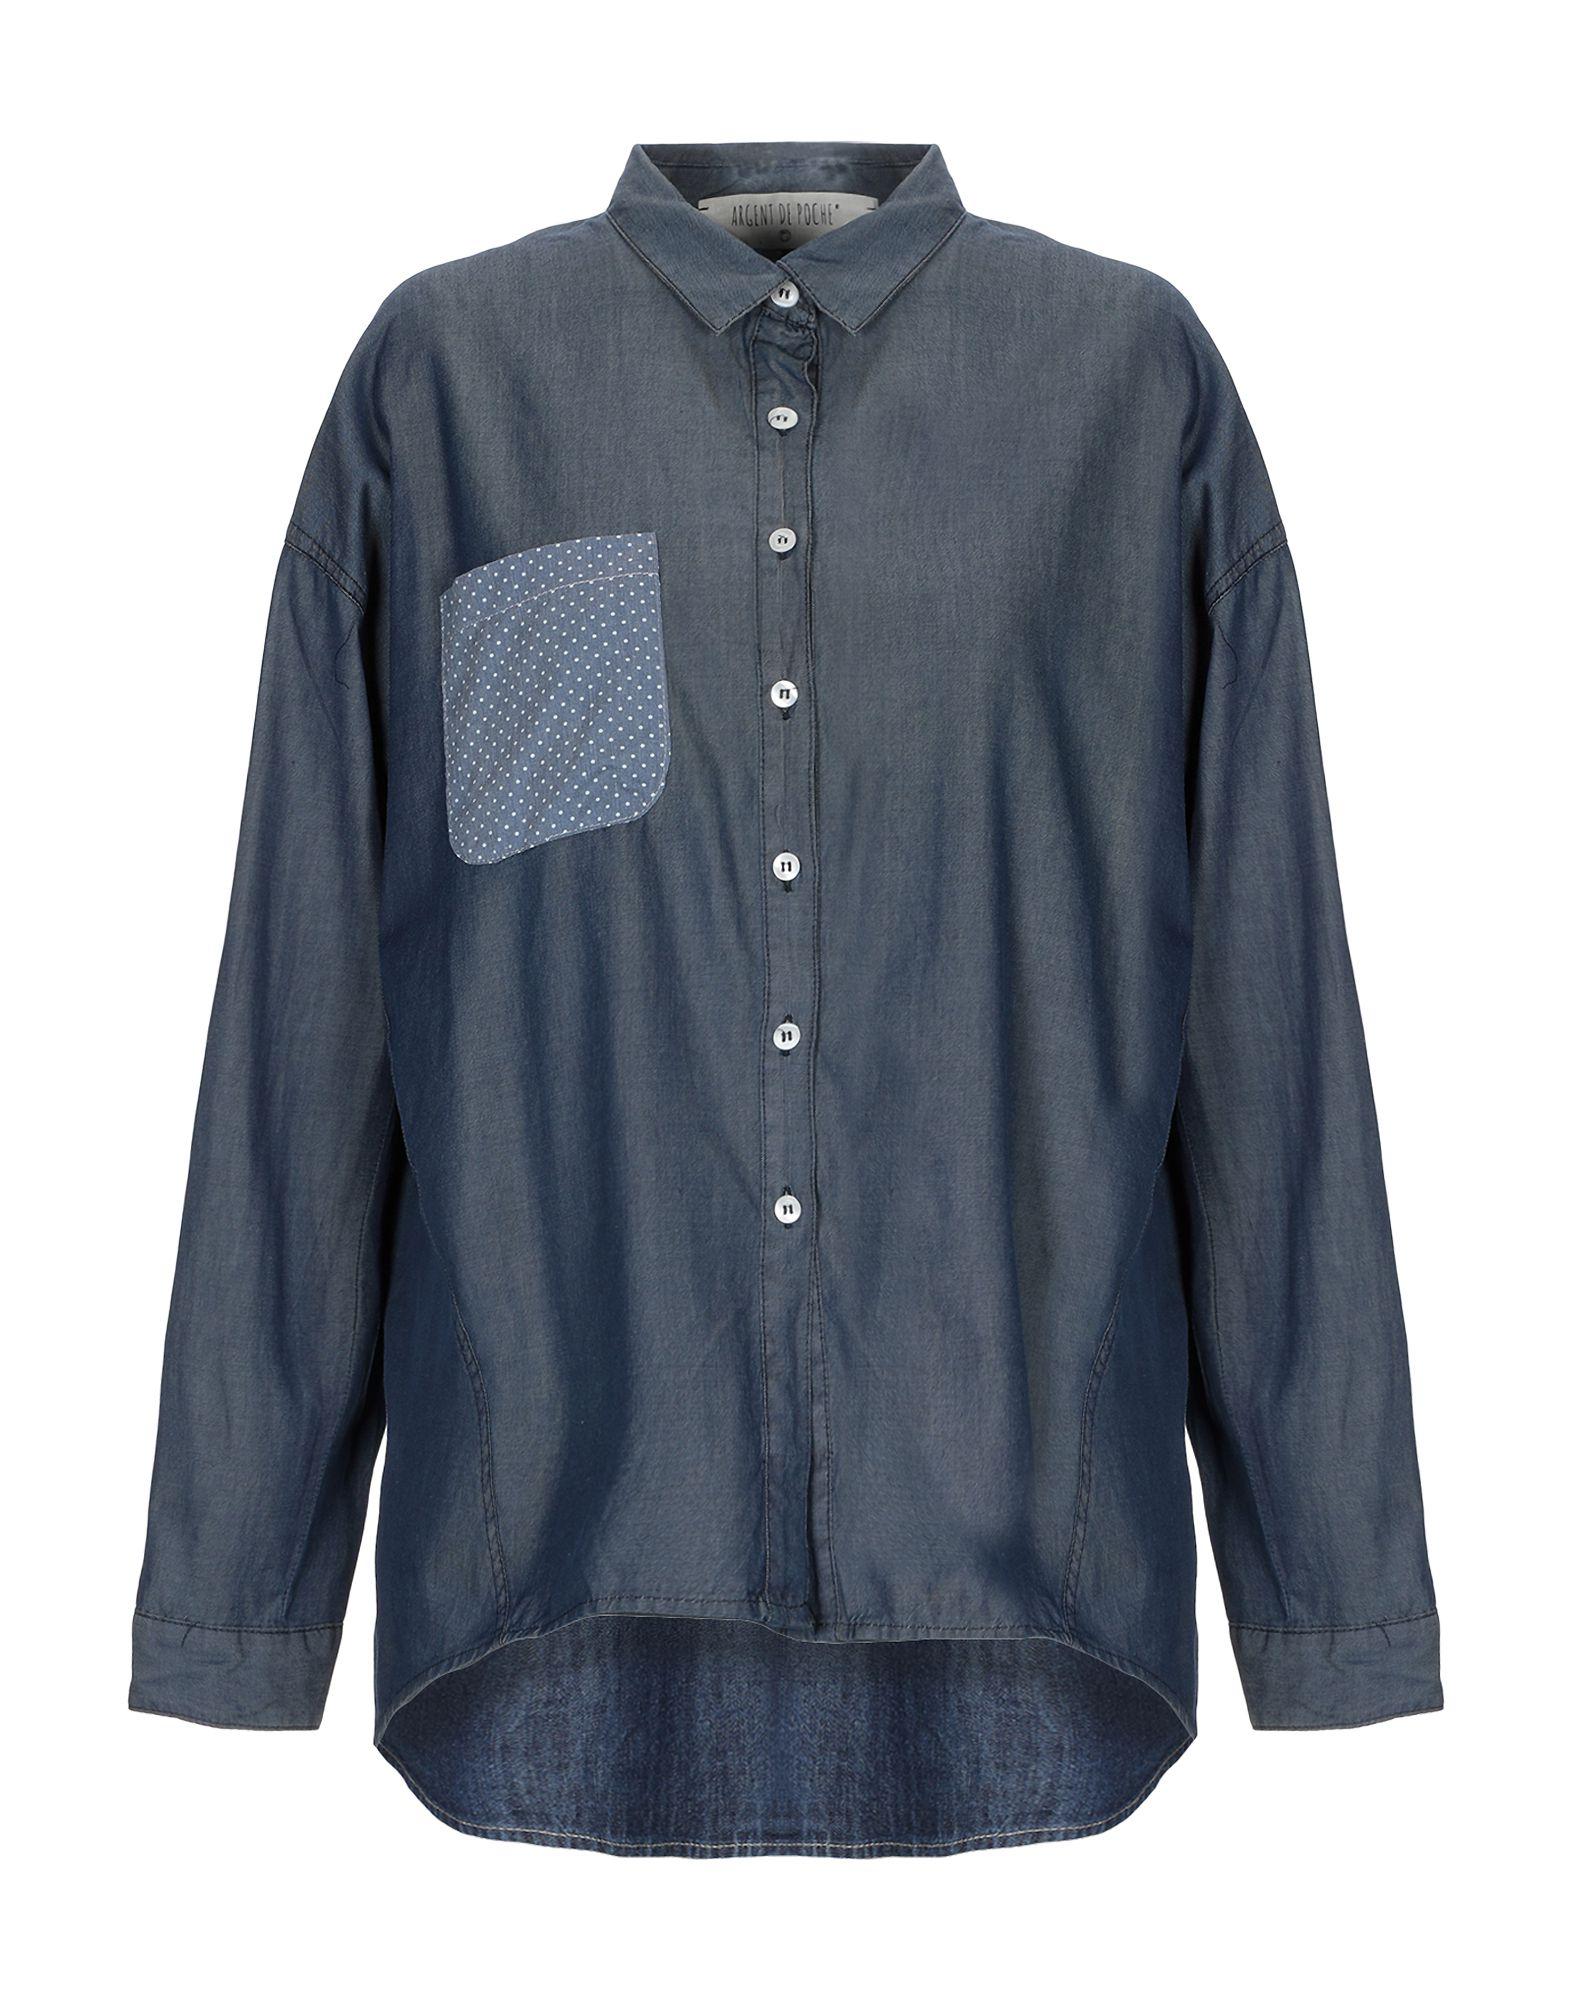 《送料無料》ARGENT DE POCHE? レディース デニムシャツ ブルー 44 コットン 100%